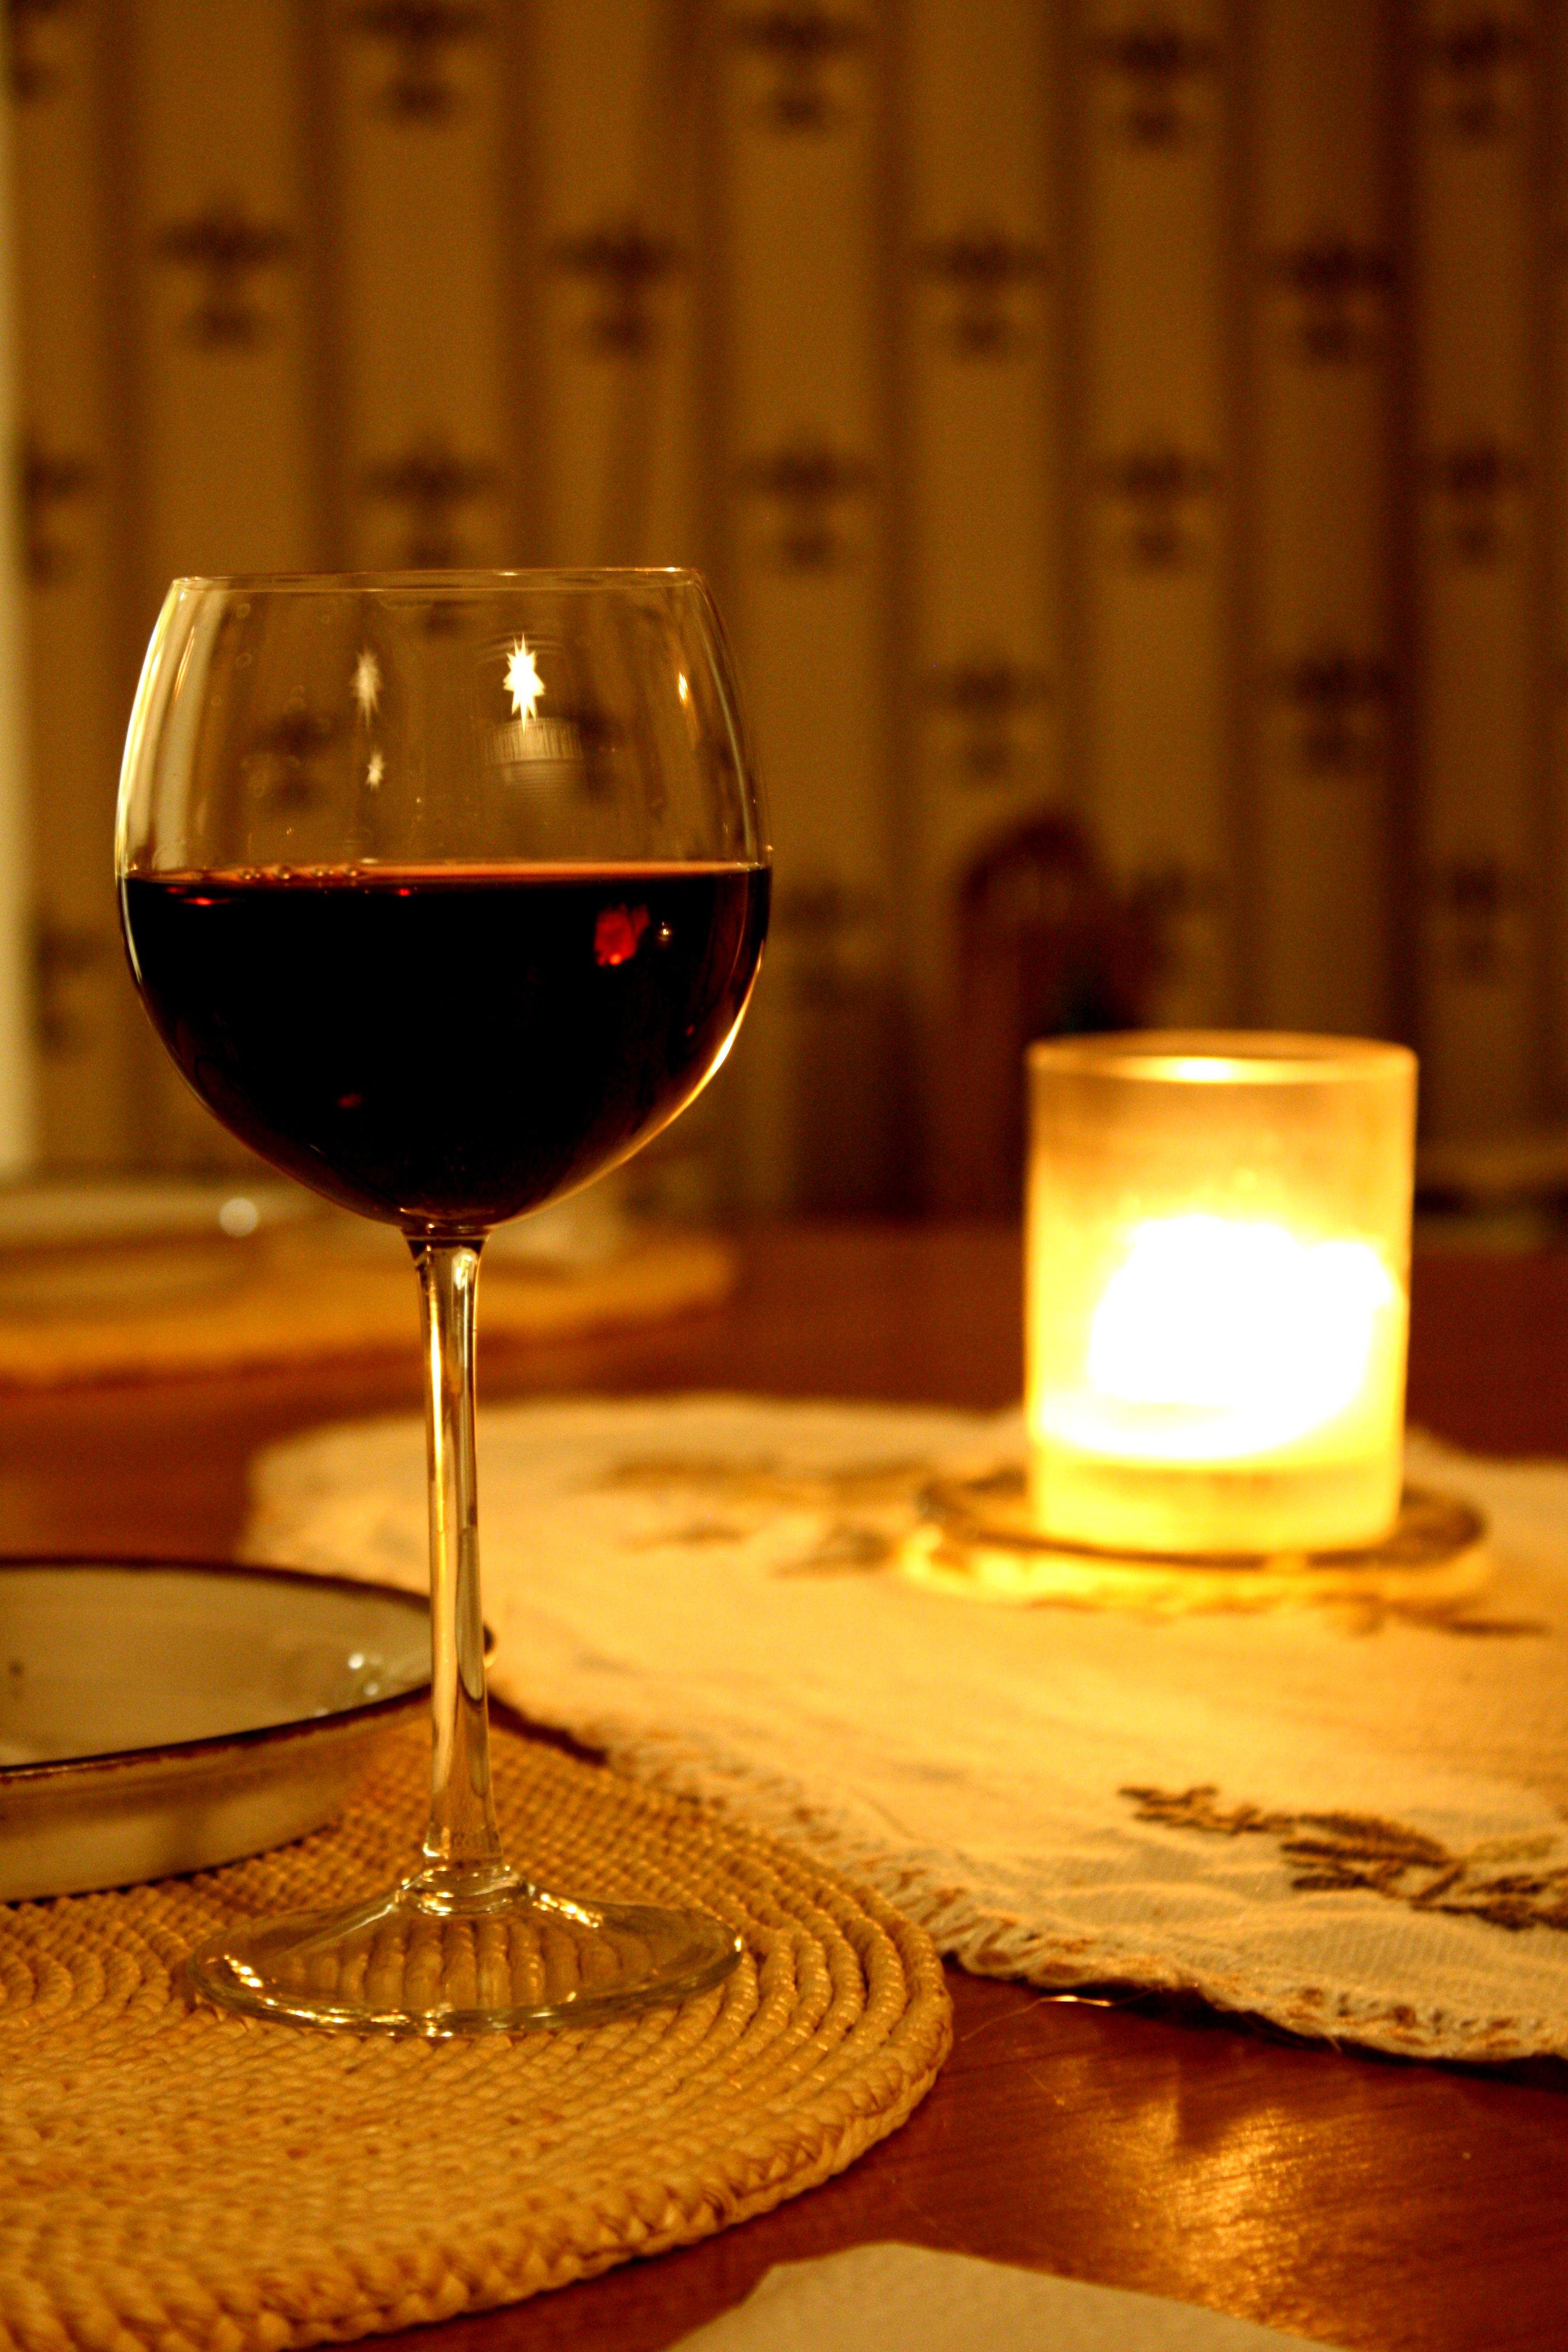 厨房餐饮用品 透明玻璃红酒杯 葡萄酒杯 白酒杯 高脚杯 酒吧 酒店